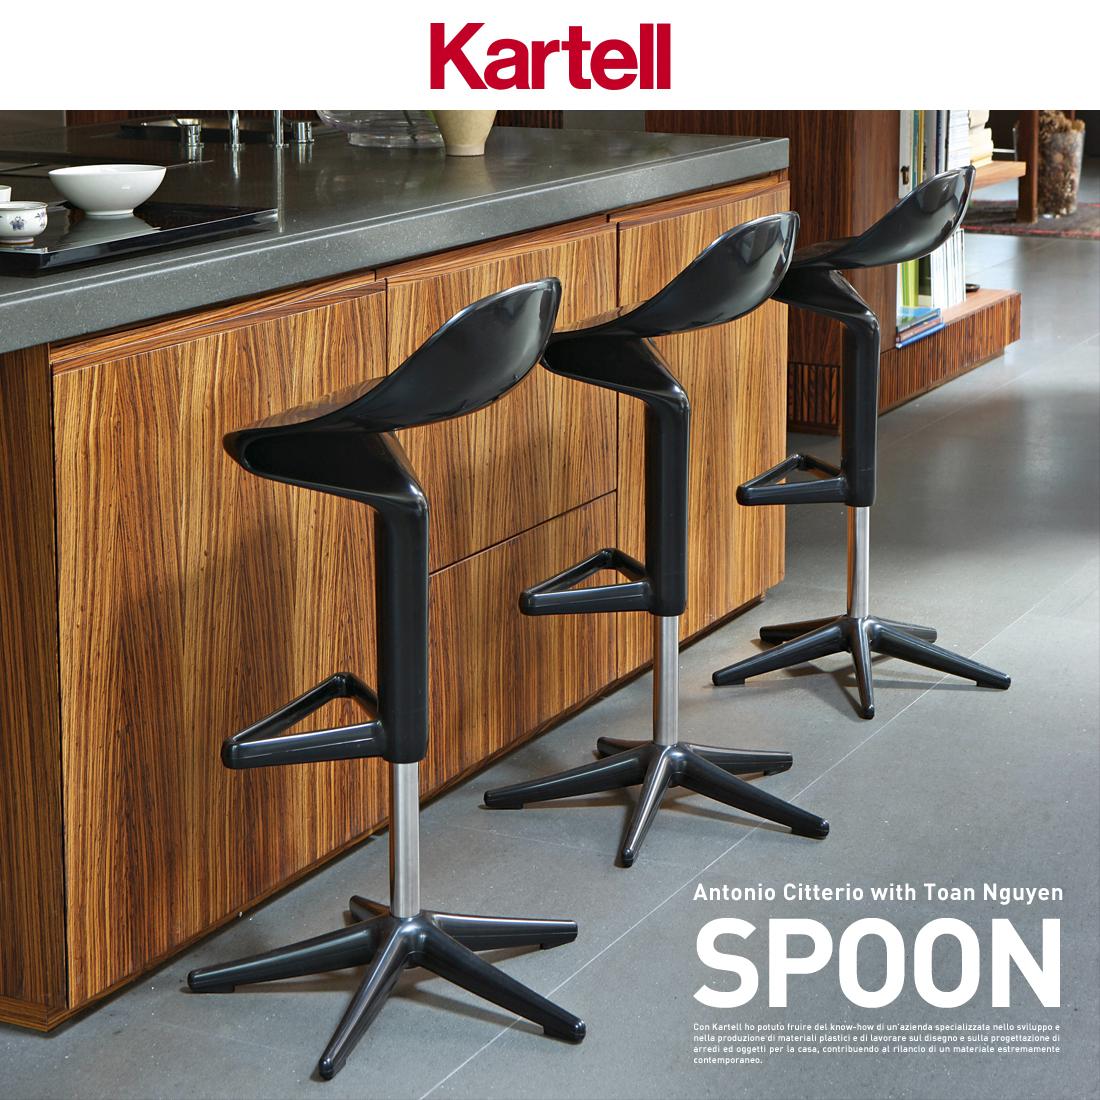 【kartell/カルテル】 SPOON スプーンスツール/椅子/イス/ポリプロピレン/ダイニング/チェア